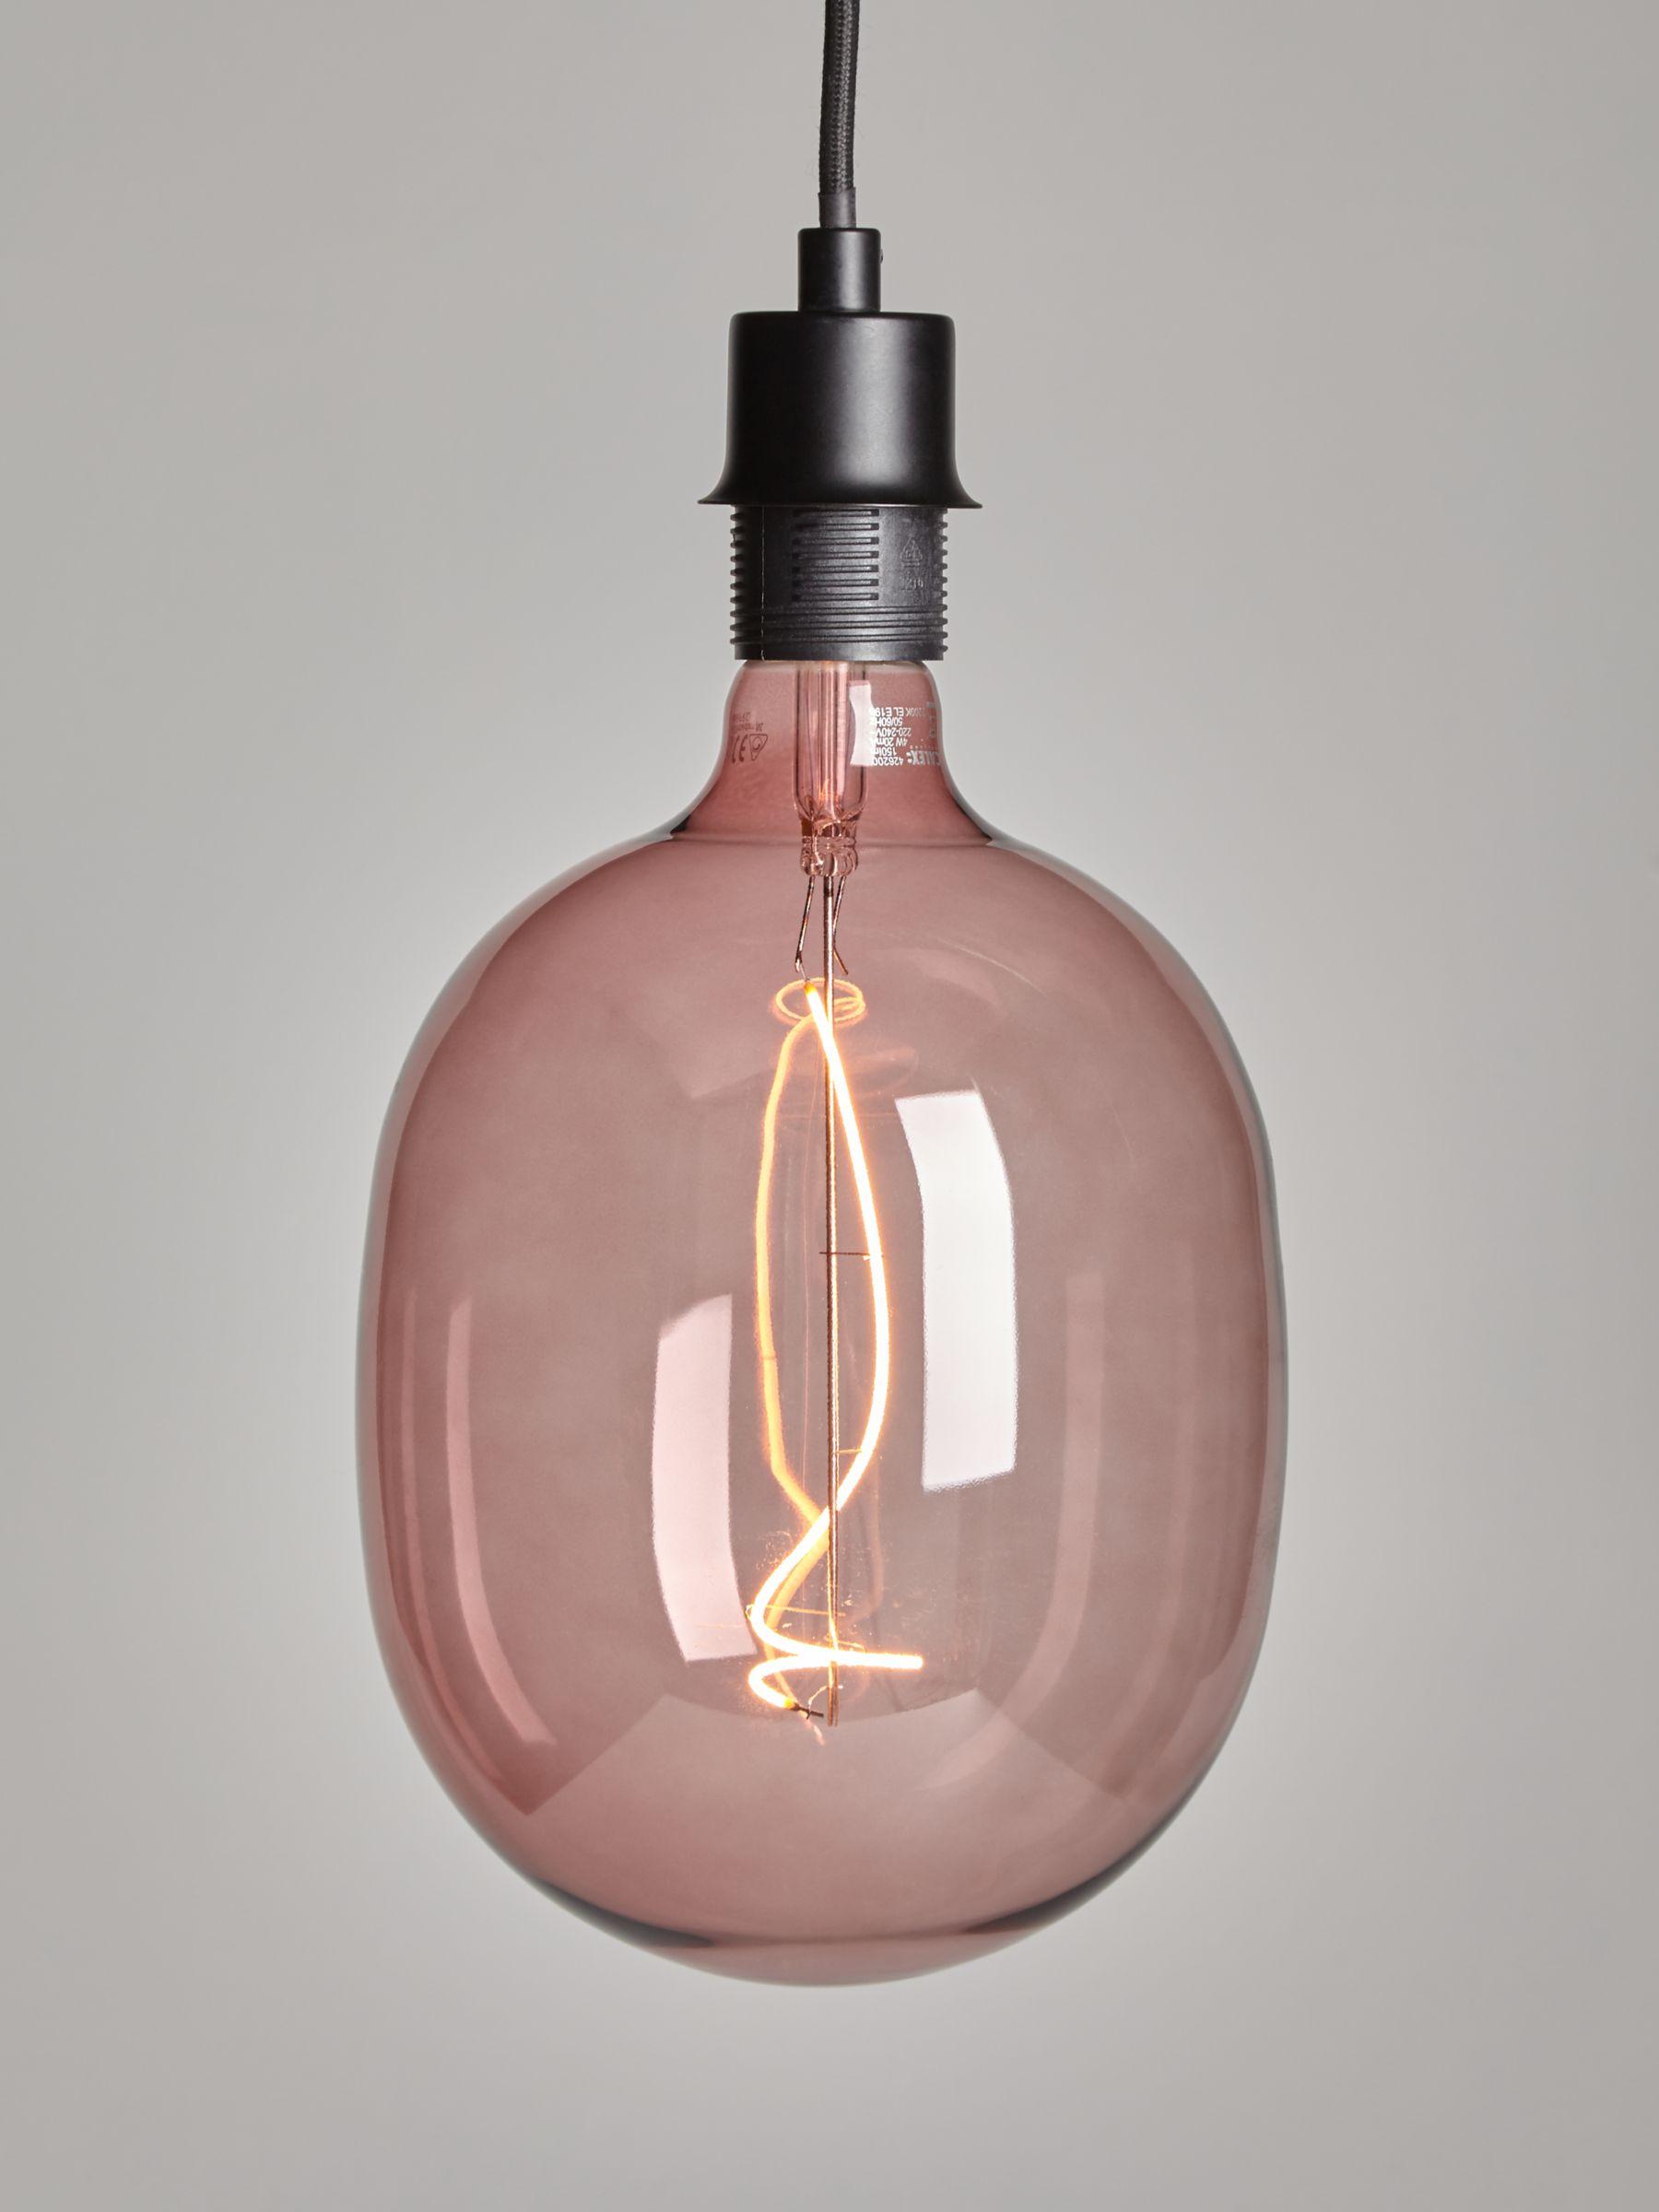 Calex Calex Avesta 4W ES LED Dimmable Filament Bulb, Rose